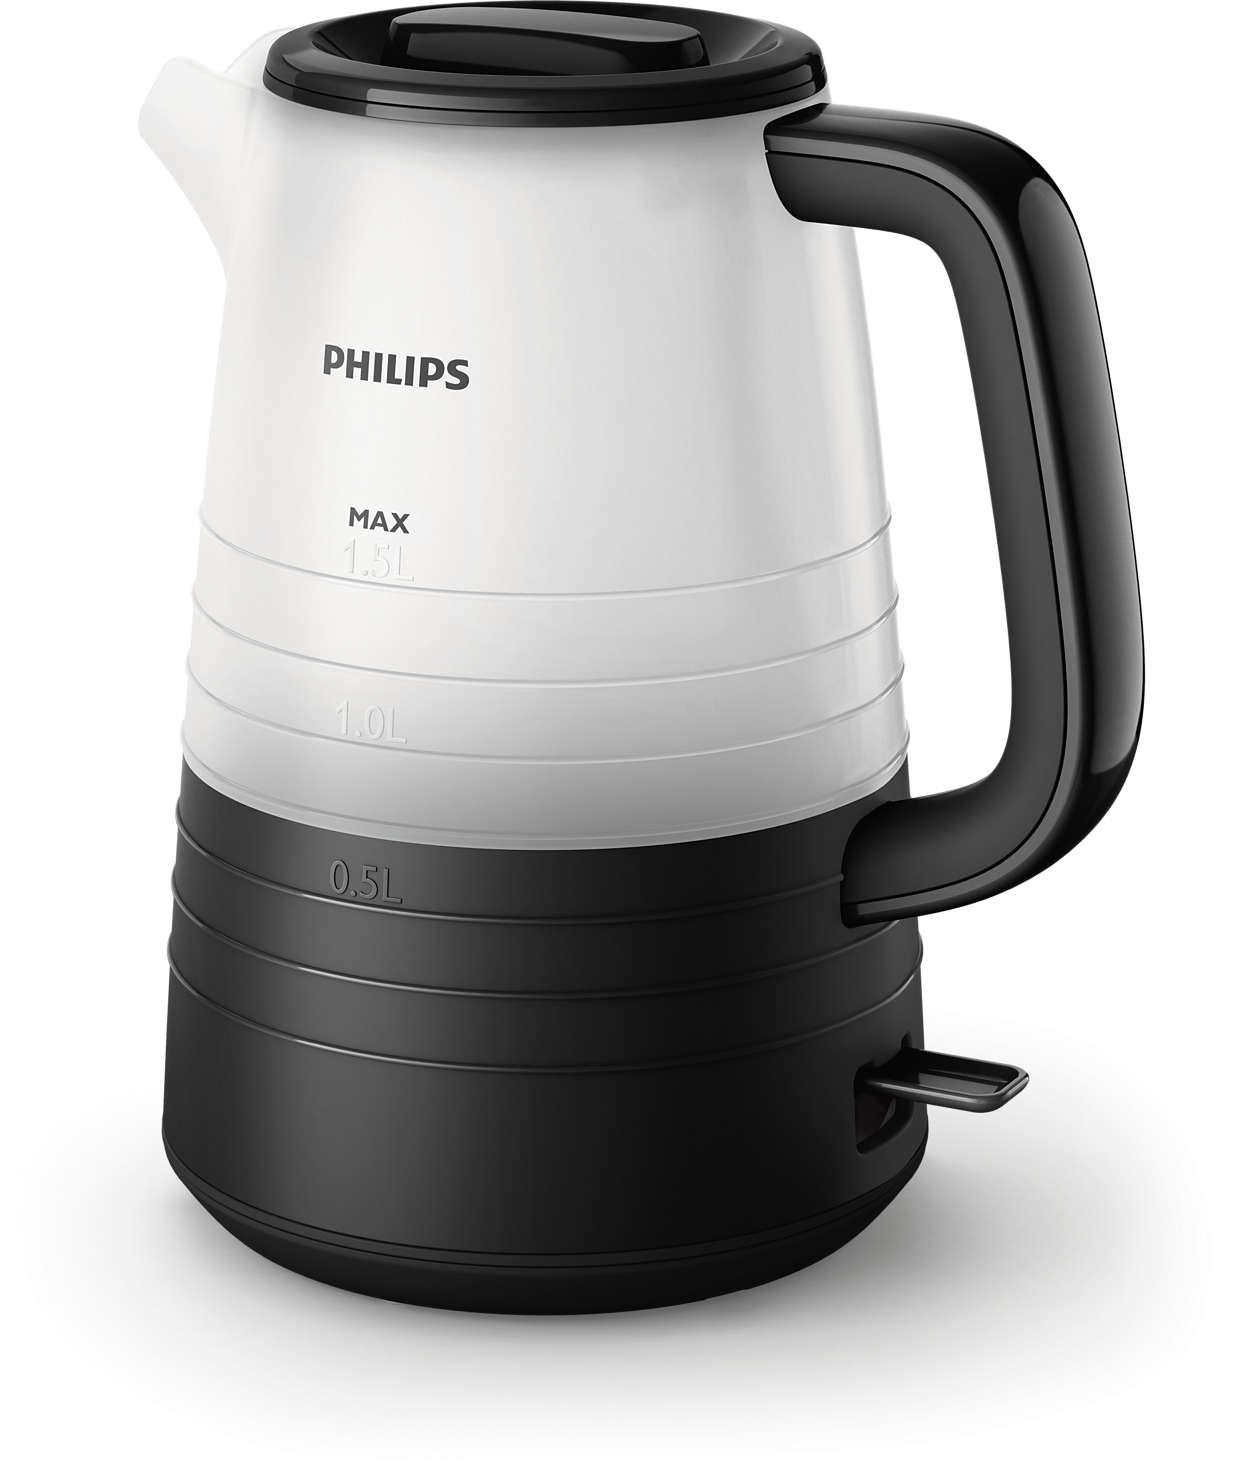 [Philips] HD9334/90 Wasserkocher um nur 12,99€ statt (23,75€)